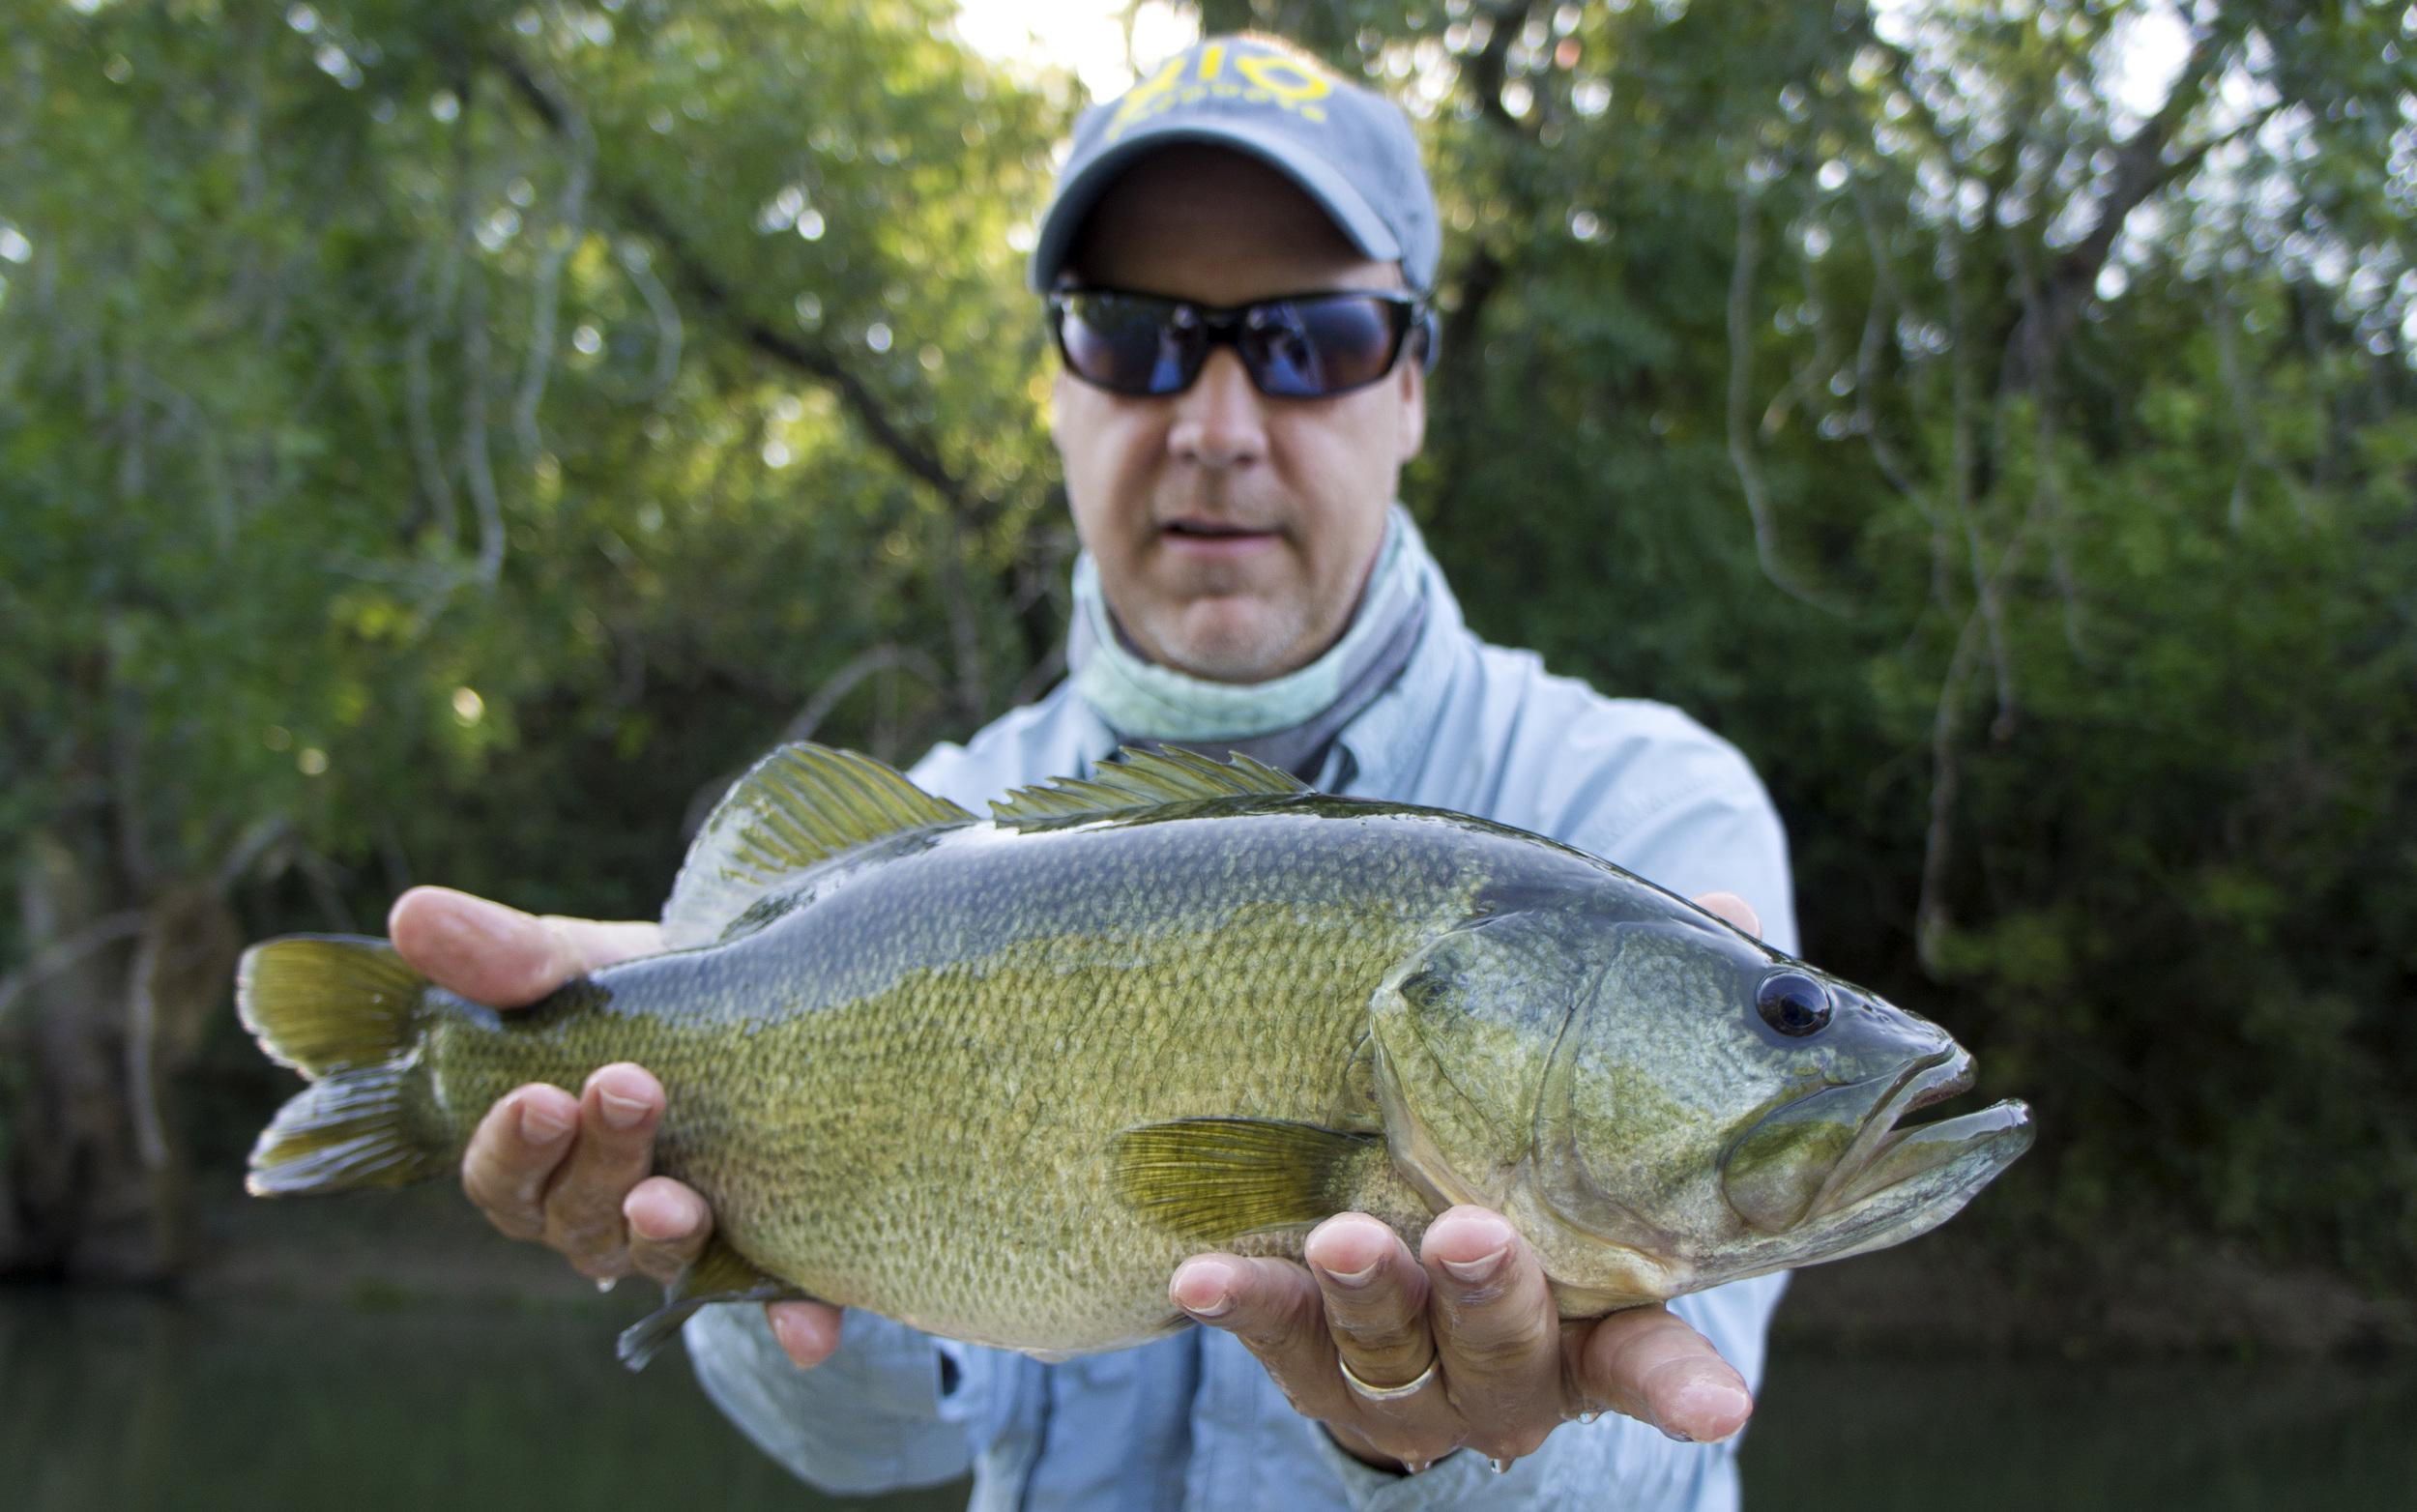 Jeff Davis with a big Colorado River bass.